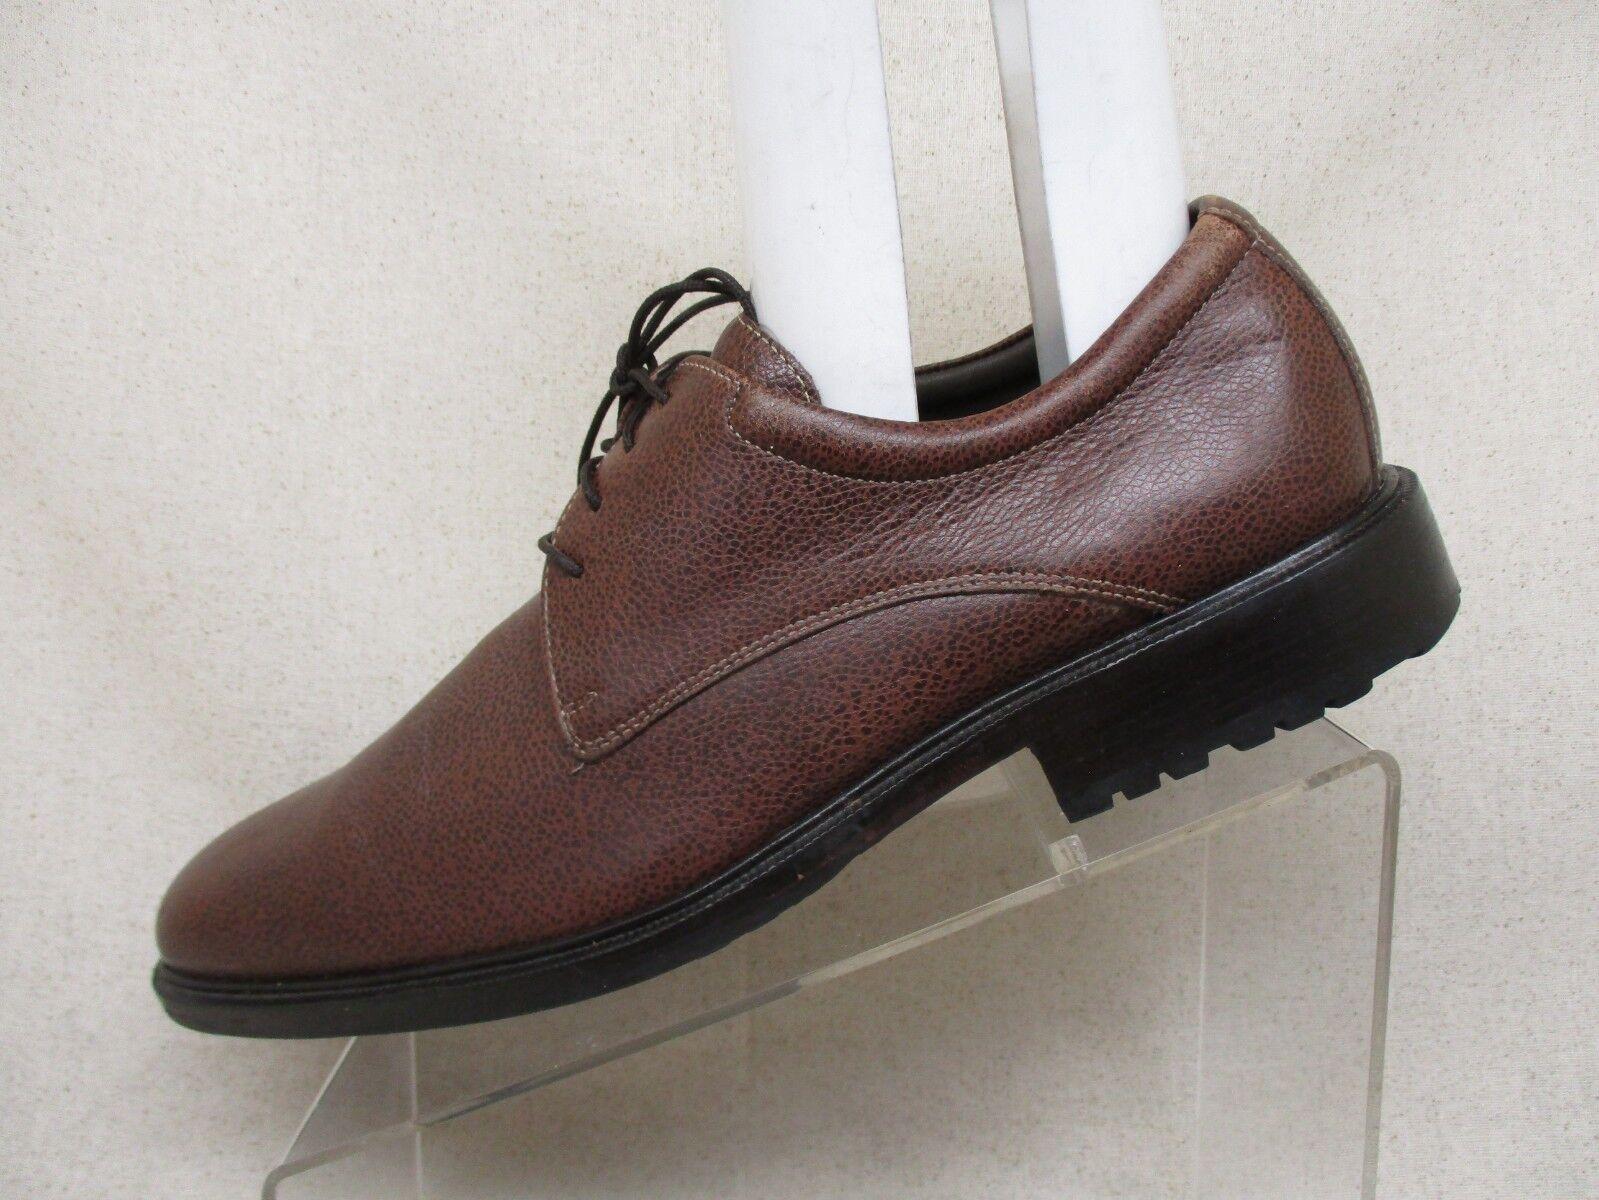 Cole Haan Marrone Leather Oxford Dress scarpe stivali Uomo Uomo Uomo Dimensione 11 M Style C04982 fde136